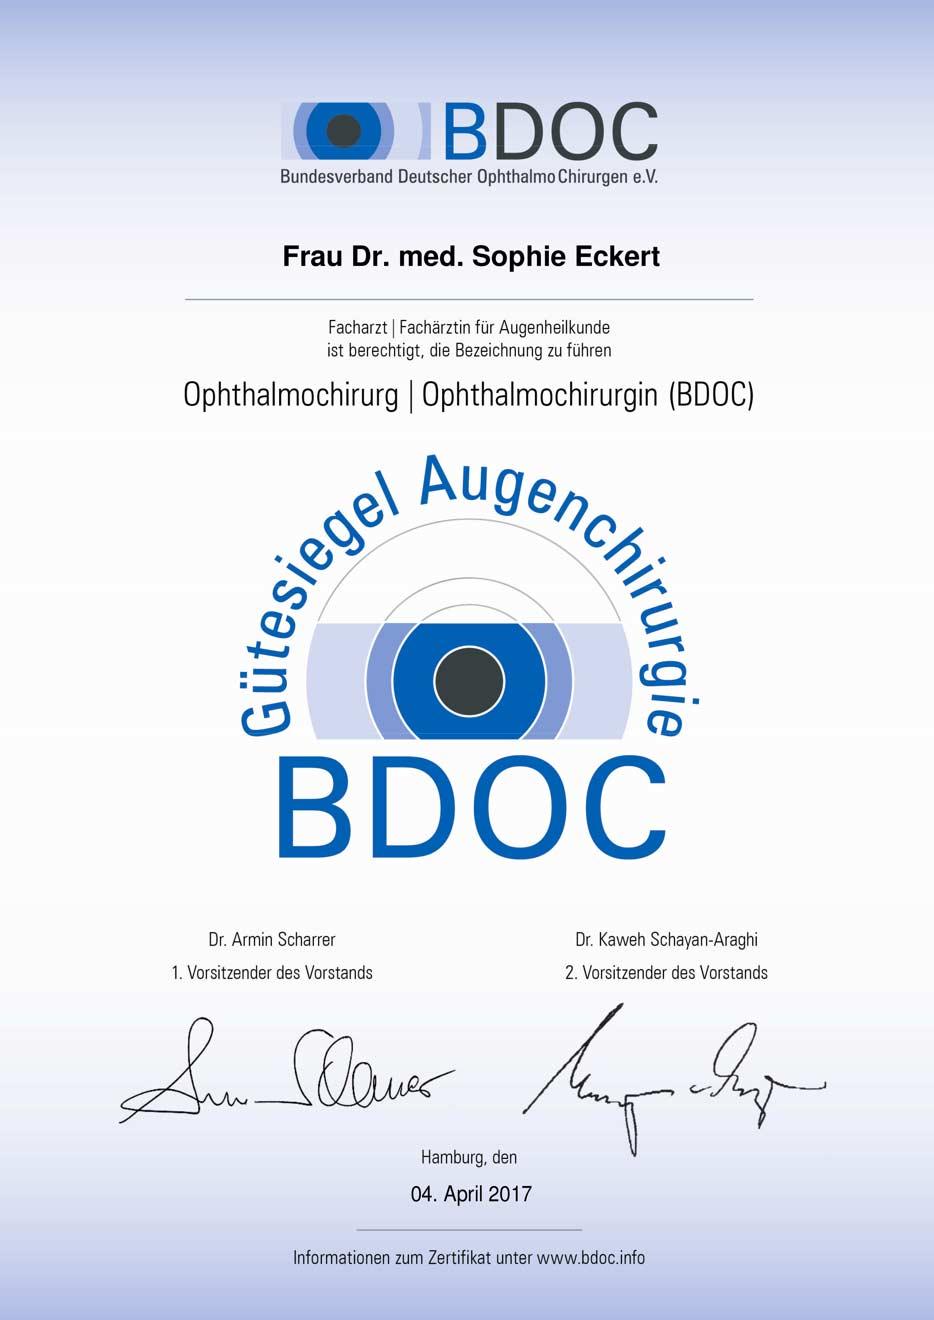 BDOC Gütesiegel Dr. S. Eckert